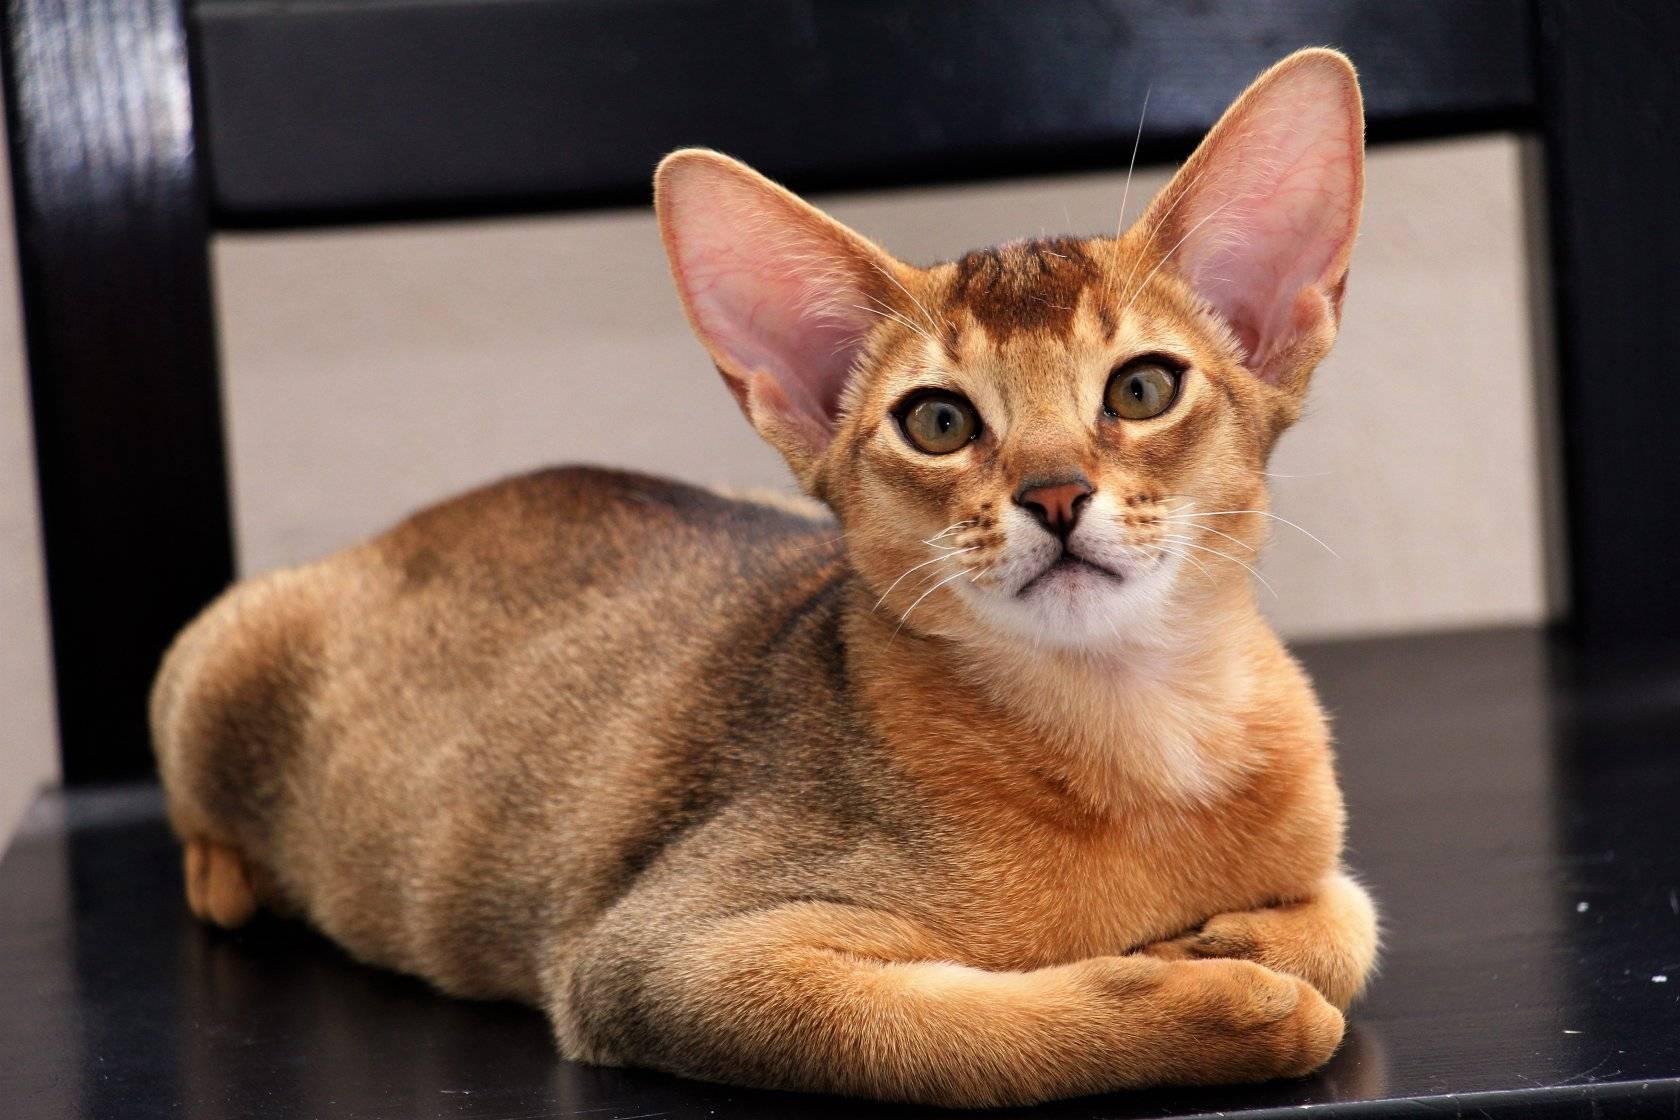 Абиссинская кошка (67 фото): описание котов абиссинской породы. размеры котят и взрослых кошек. сколько лет они живут? список имен. отзывы владельцев